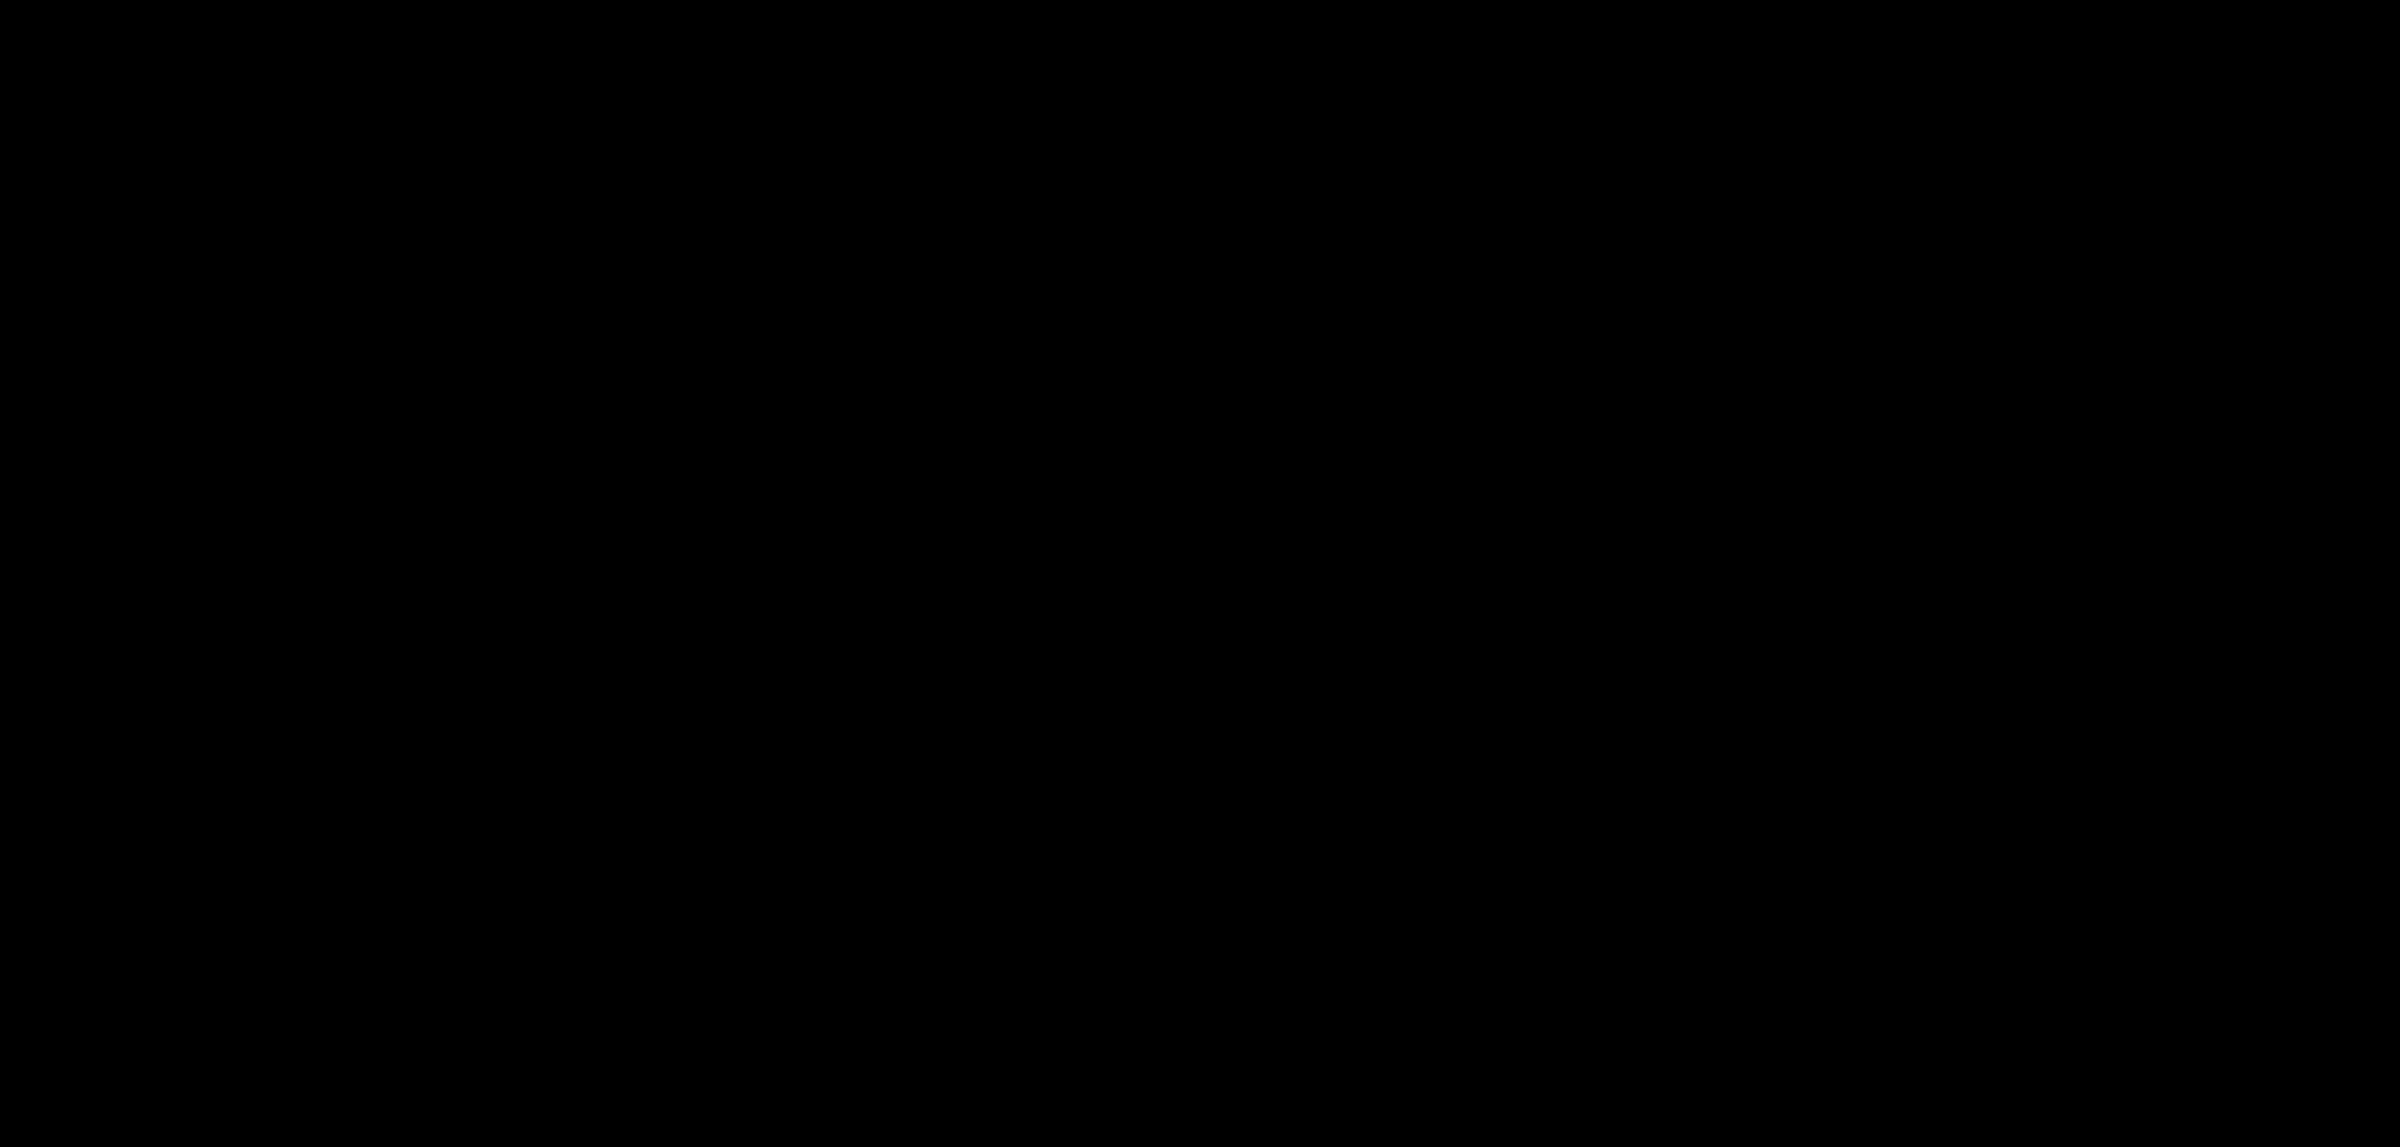 NIST Logo (PNG format)